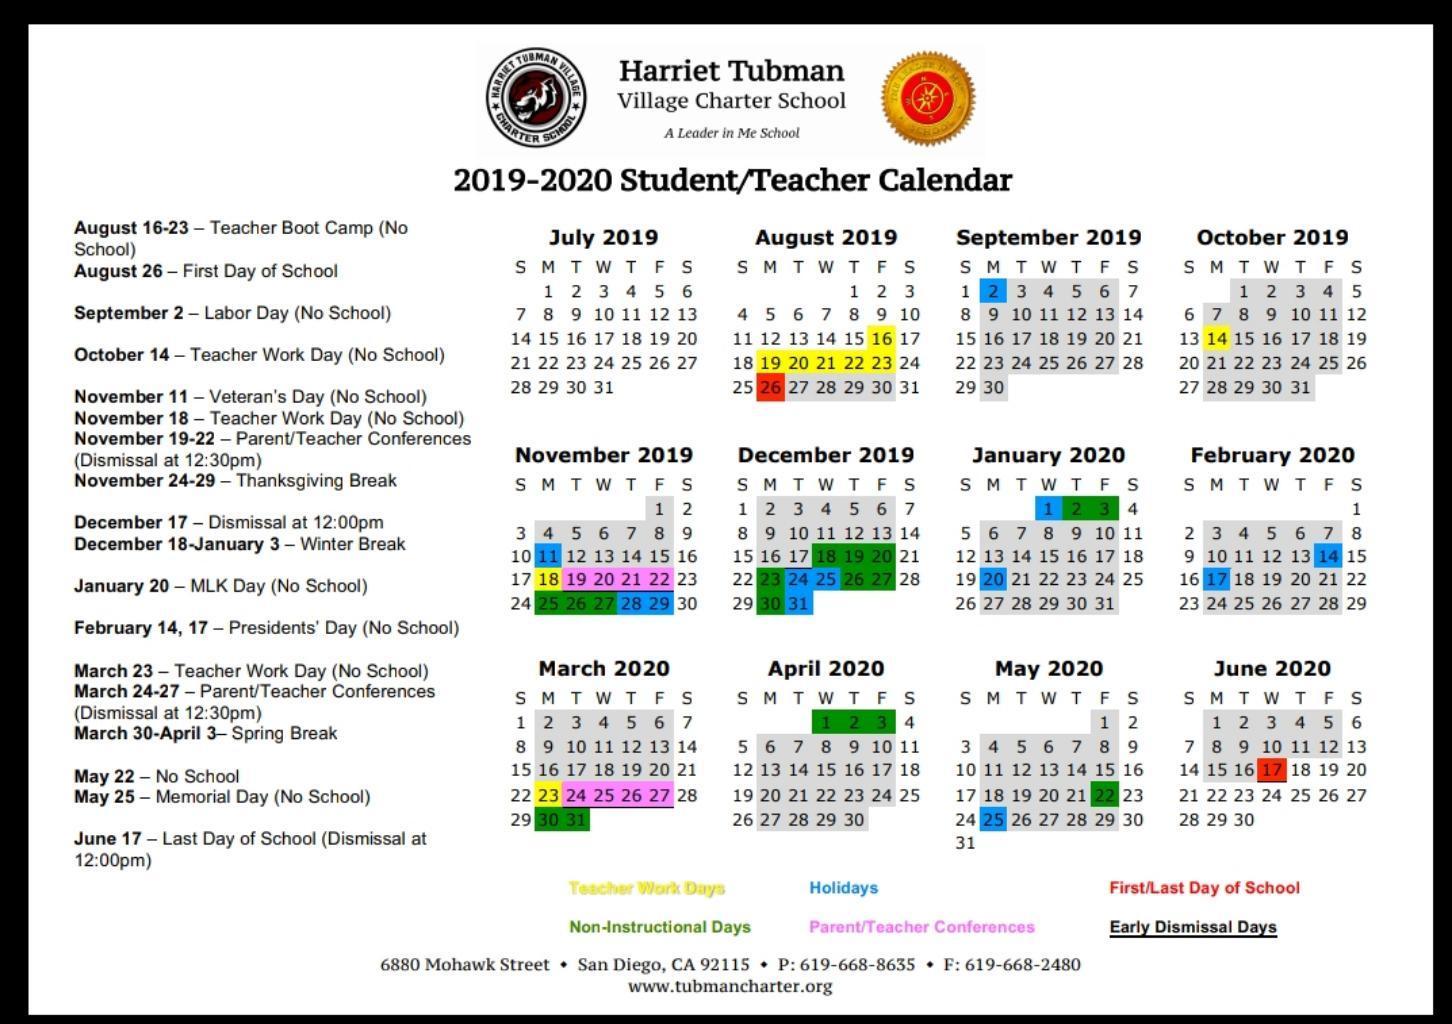 School Year Calendar 2019-20 – School Year Calendar 2019-20